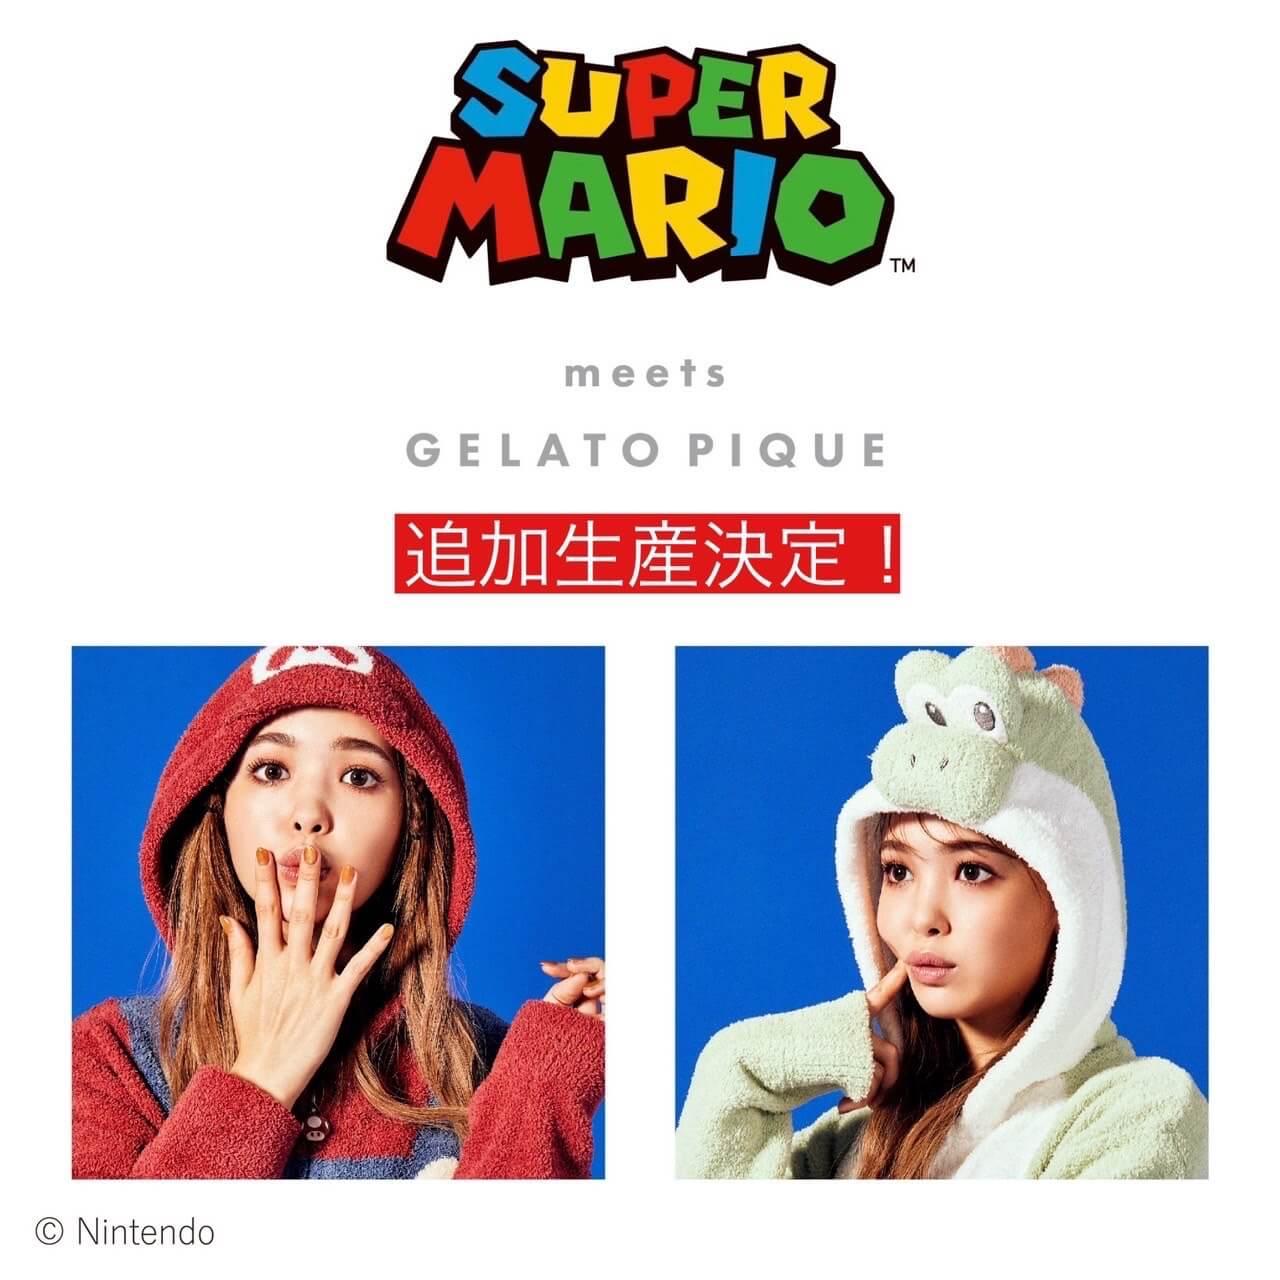 『SUPER MARIO』コレクションより【マリオとヨッシーになりきれる!ニットセットアップ(LADYS/MENS)】の追加生産が決定!10/20(水)12:00より予約販売開始!